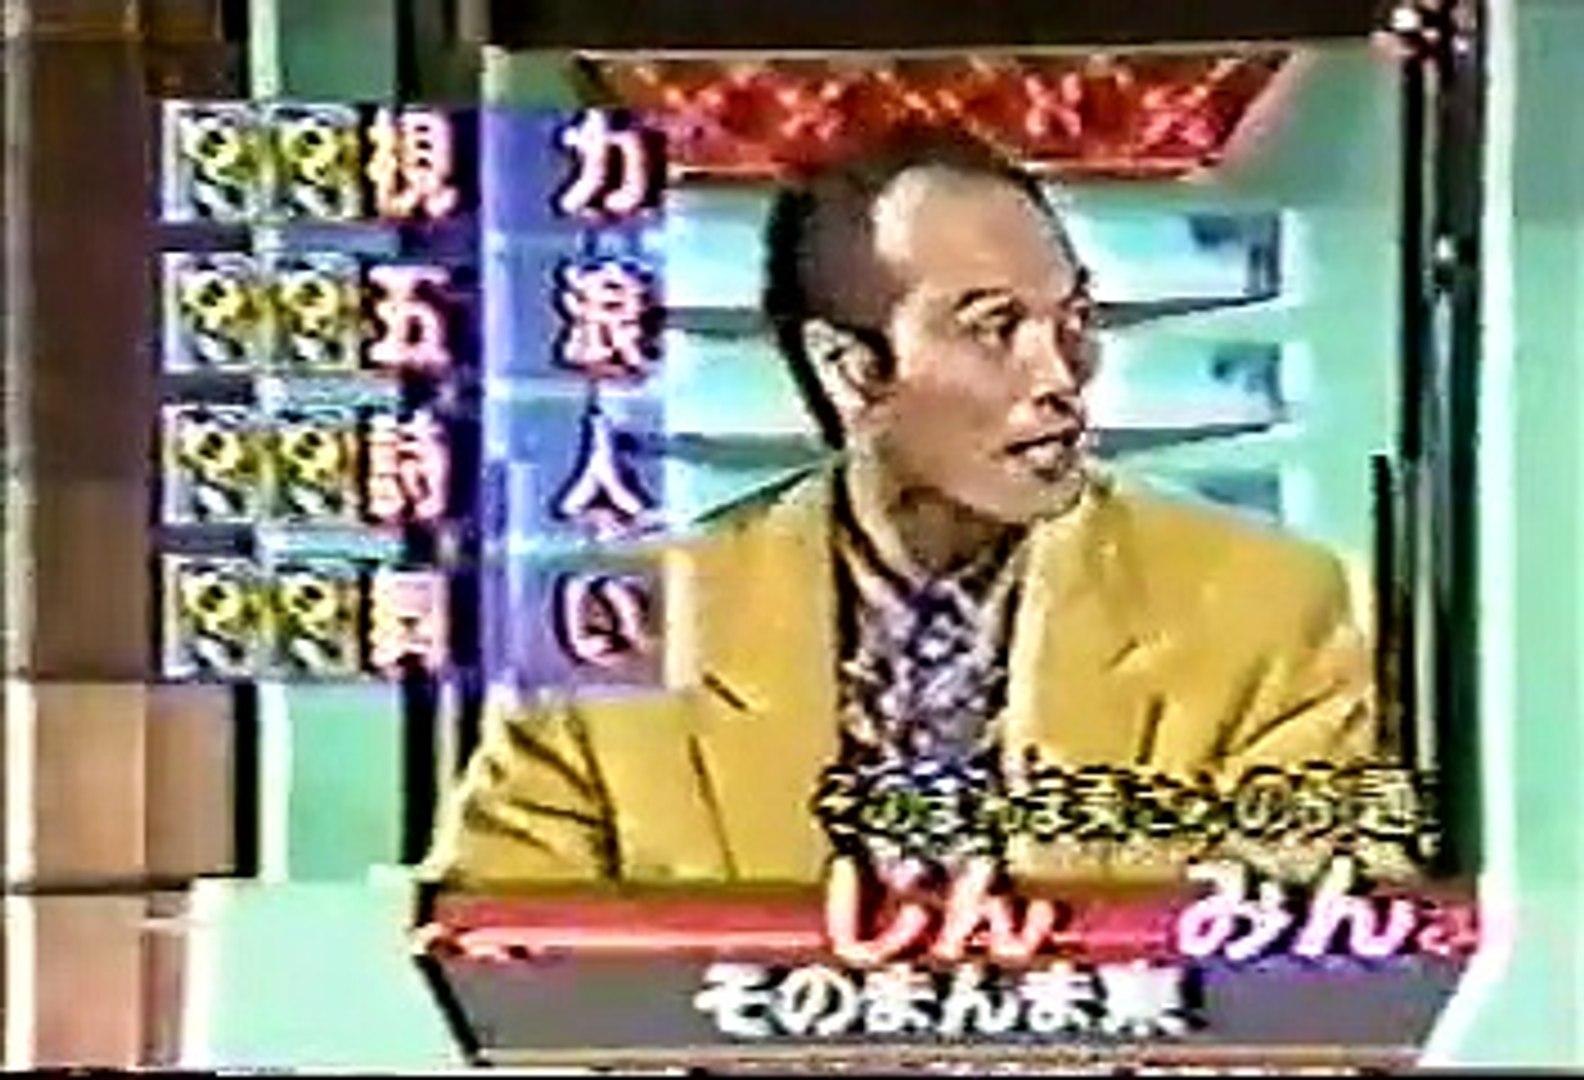 90年代バラエティ黄金期シリーズ] マジカル頭脳パワー#74 - 動画 ...